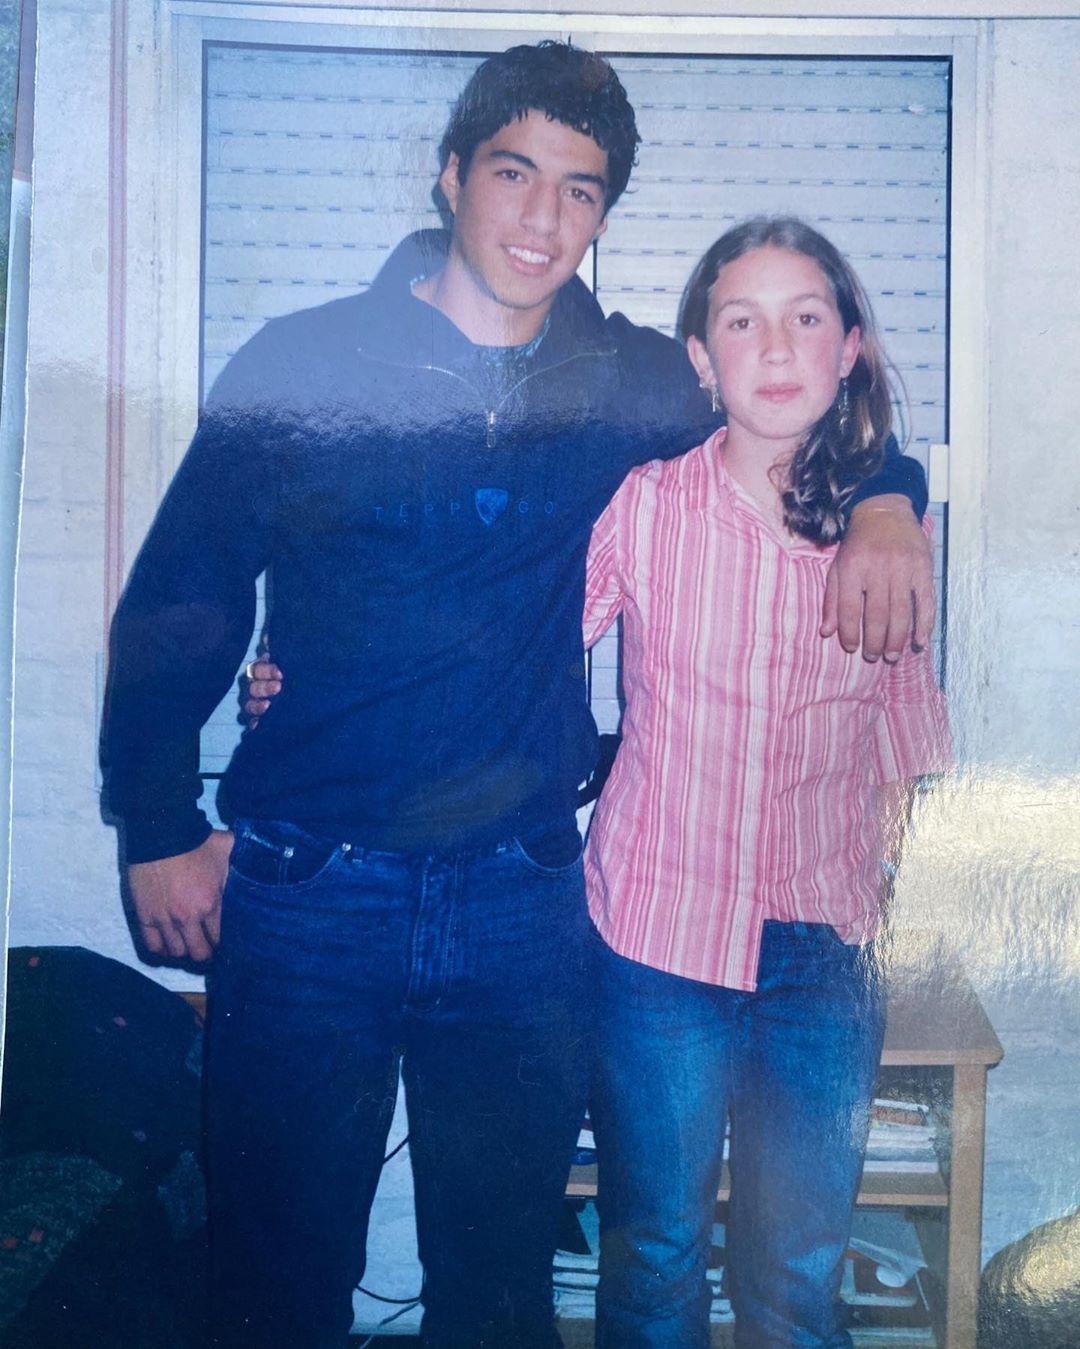 سواريز وزوجته في مرحلة الشباب